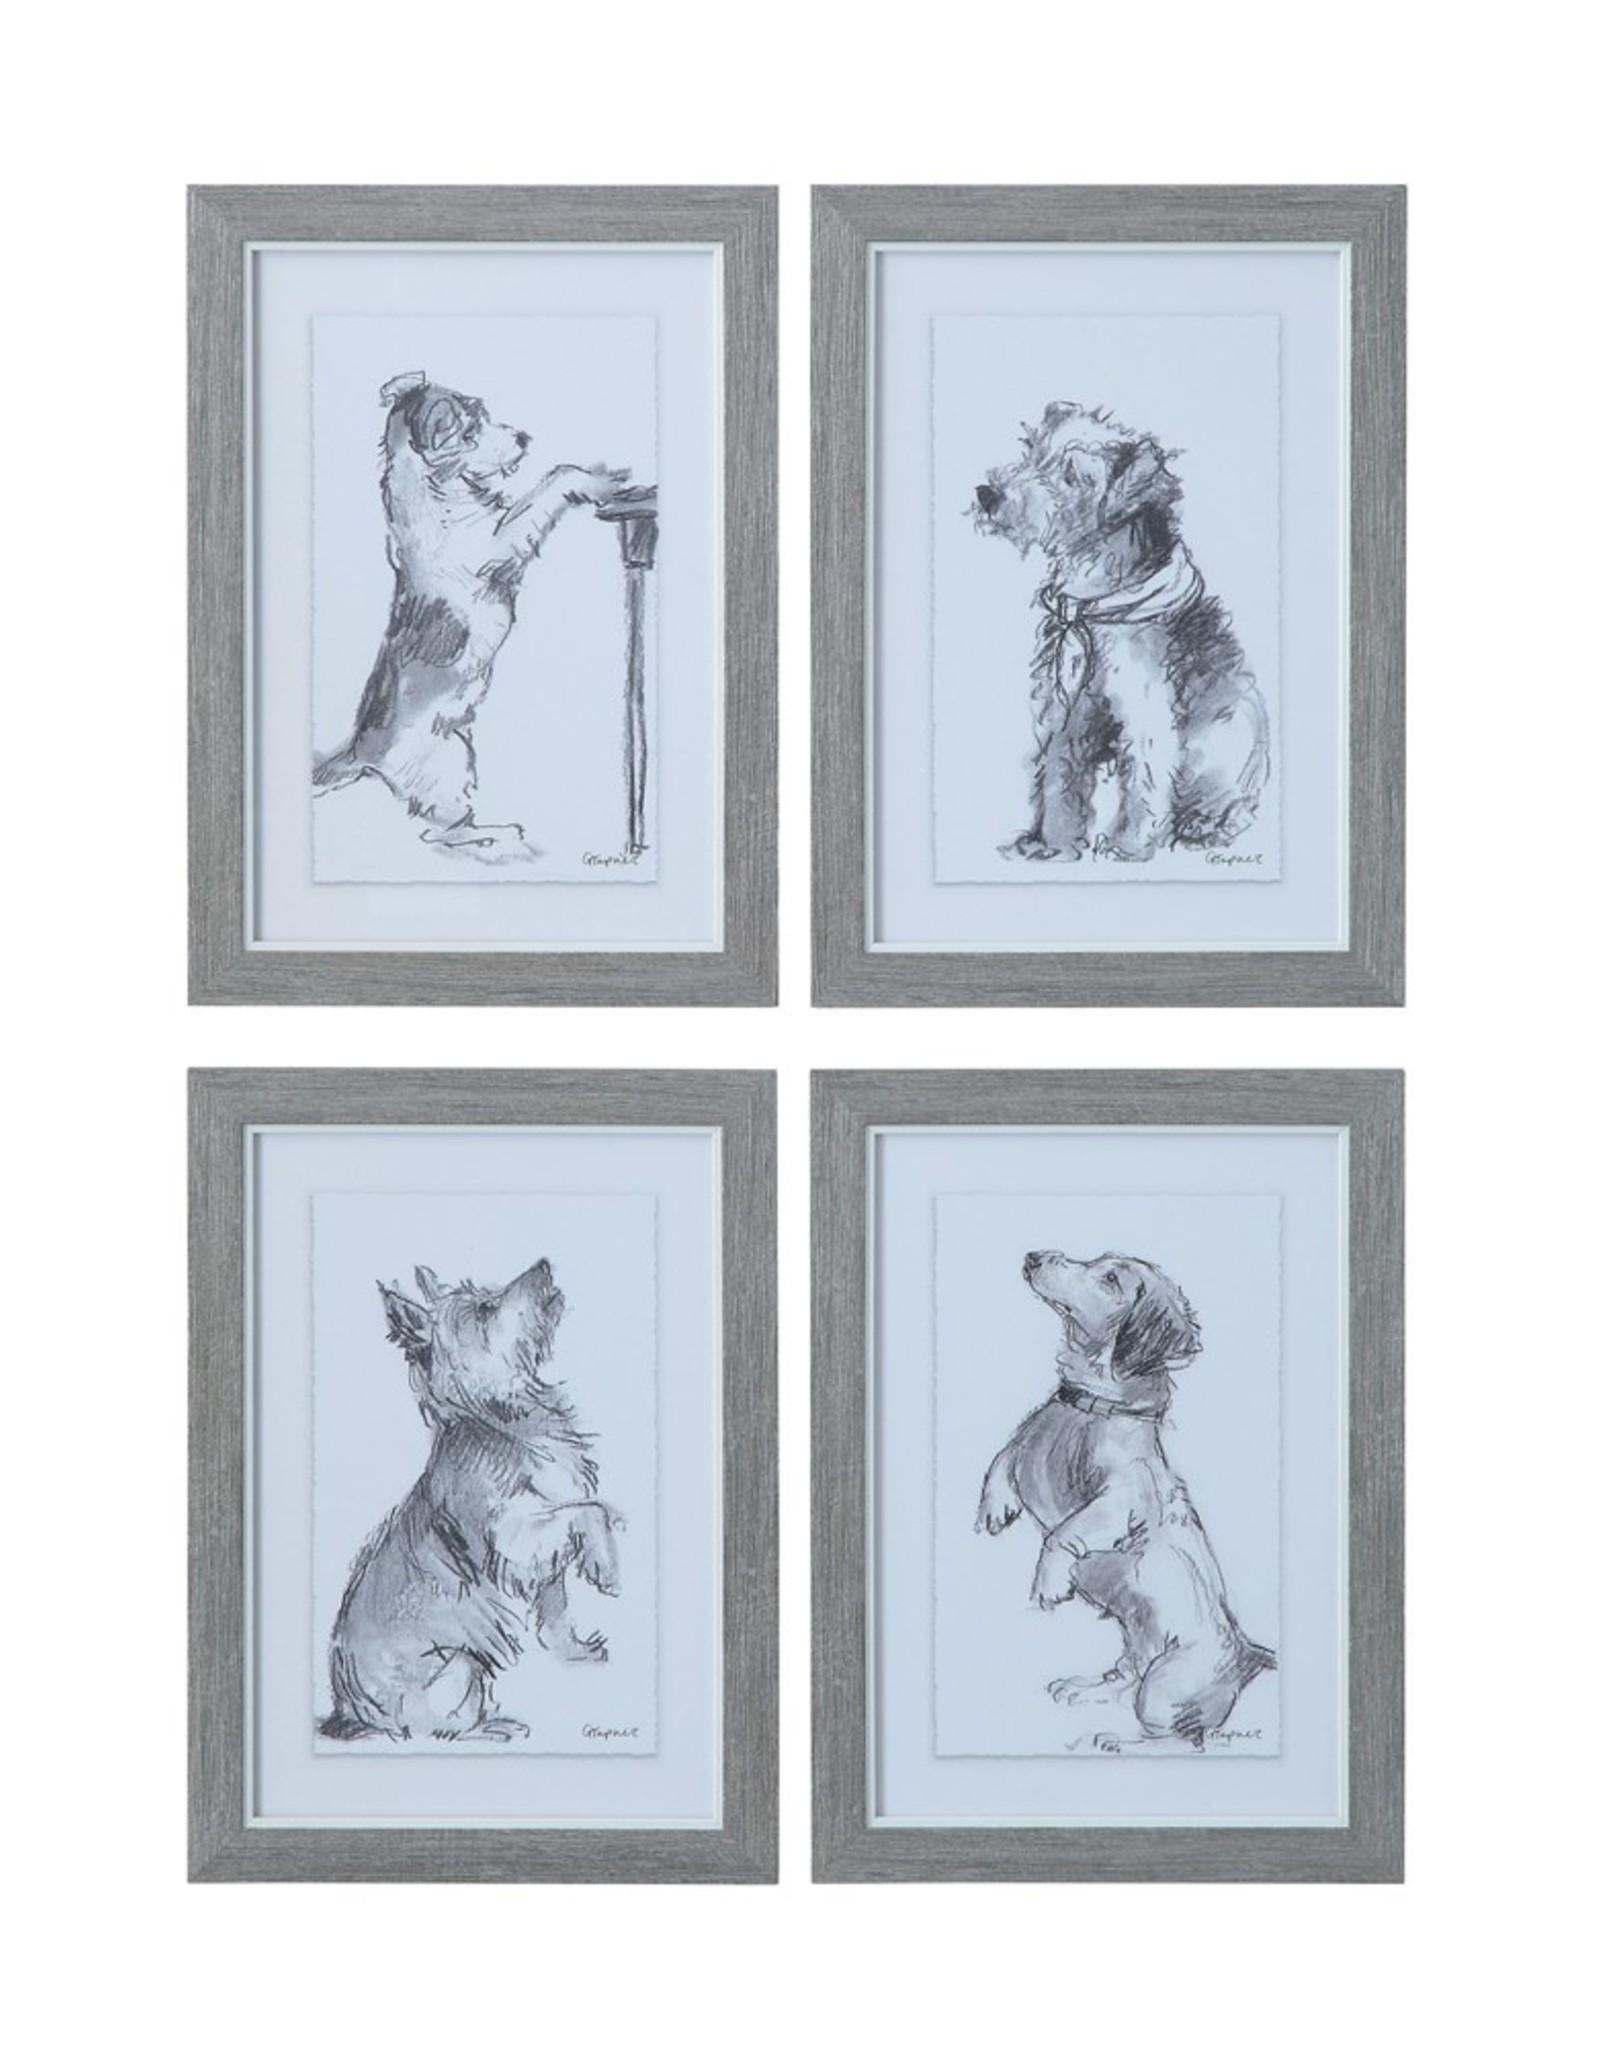 """10-1/4""""L x 14-1/4""""H Framed Wall Decor w/ Dog, 4 Styles"""